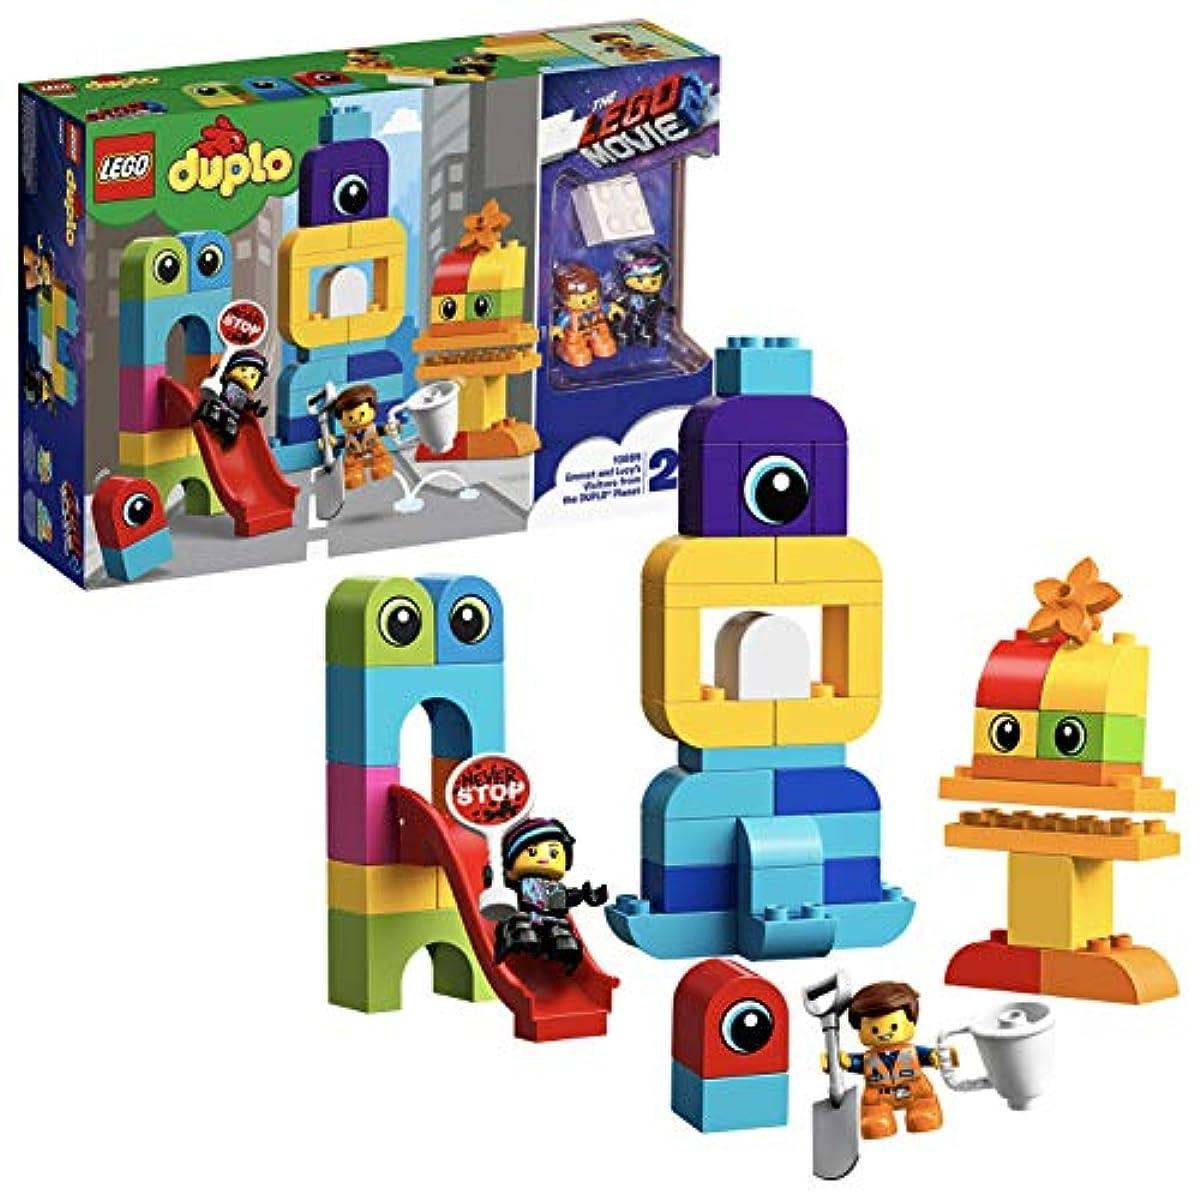 [해외] 레고(LEGO) 듀플로 에멧토와 루시의 블럭씨티 10895 레고 무비 블럭 장난감 소녀